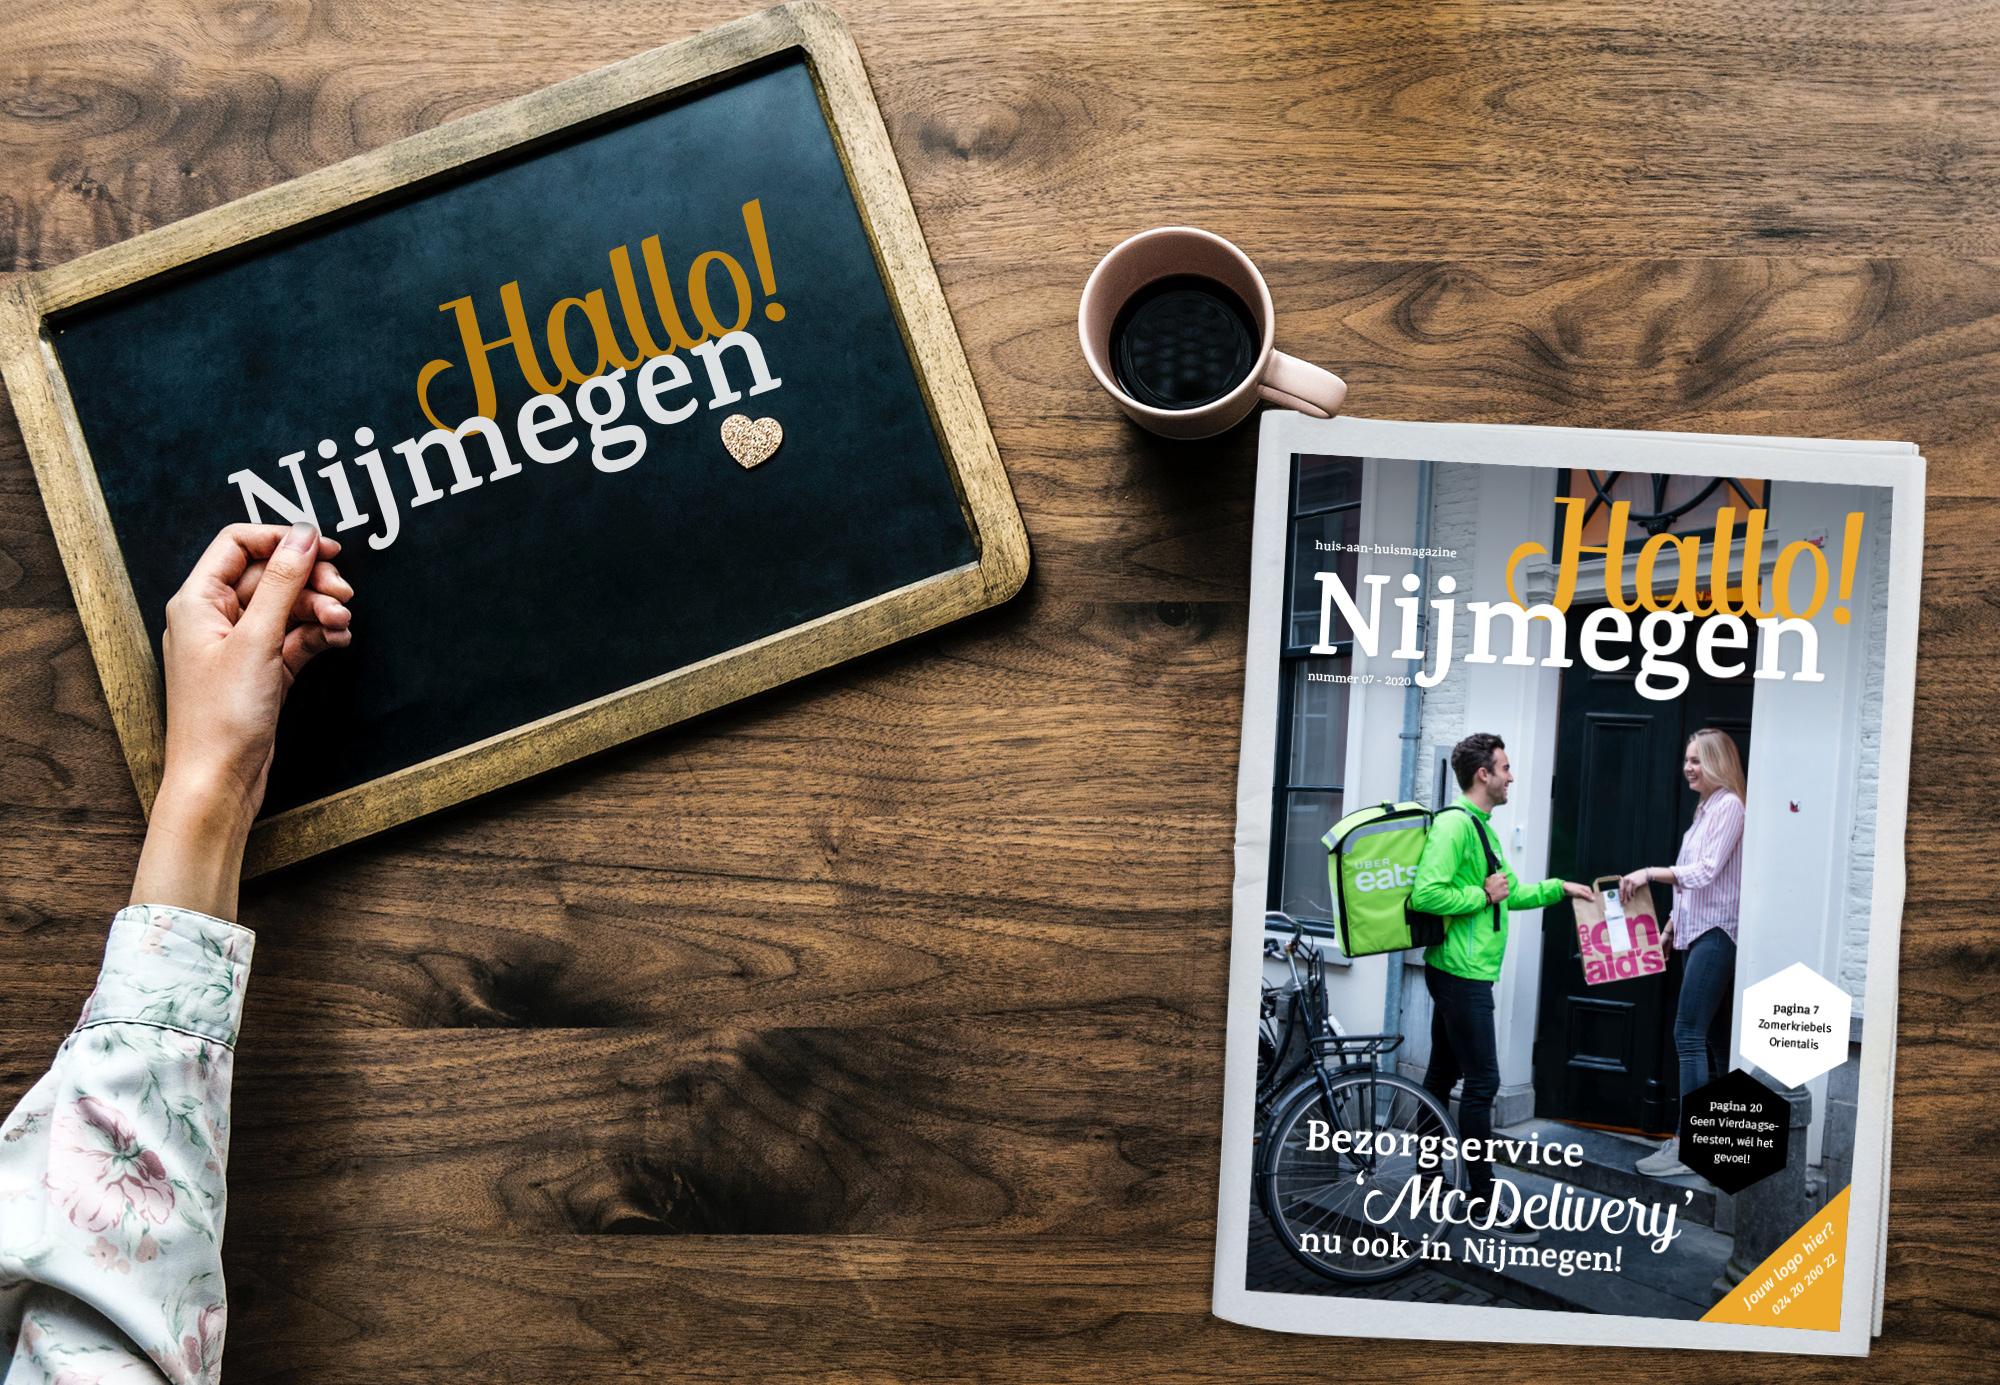 Hallo! Juli! Daar is een nieuwe Hallo! Nijmegen!